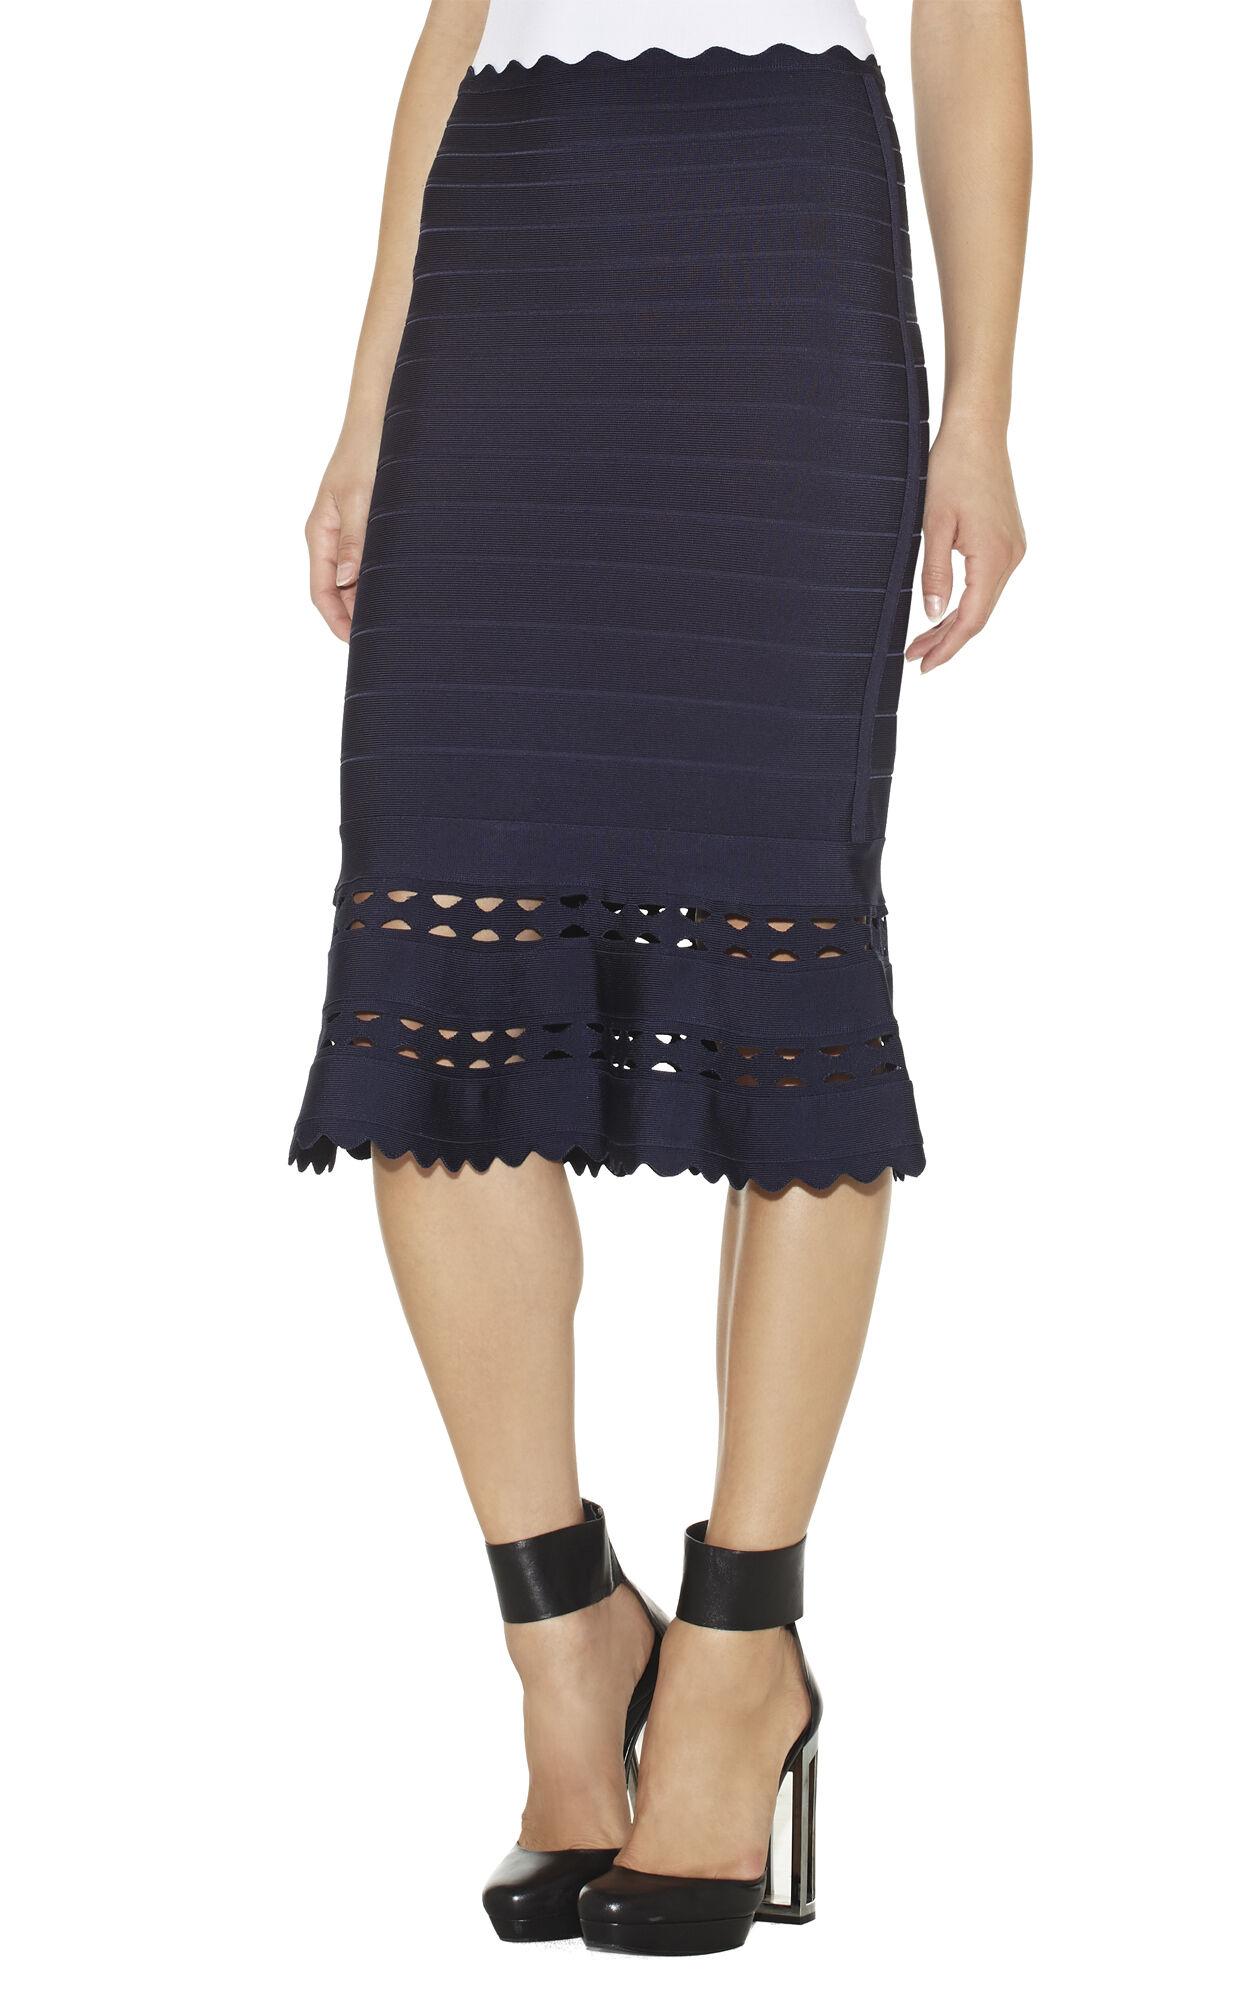 Kade Cutout Bandage Skirt